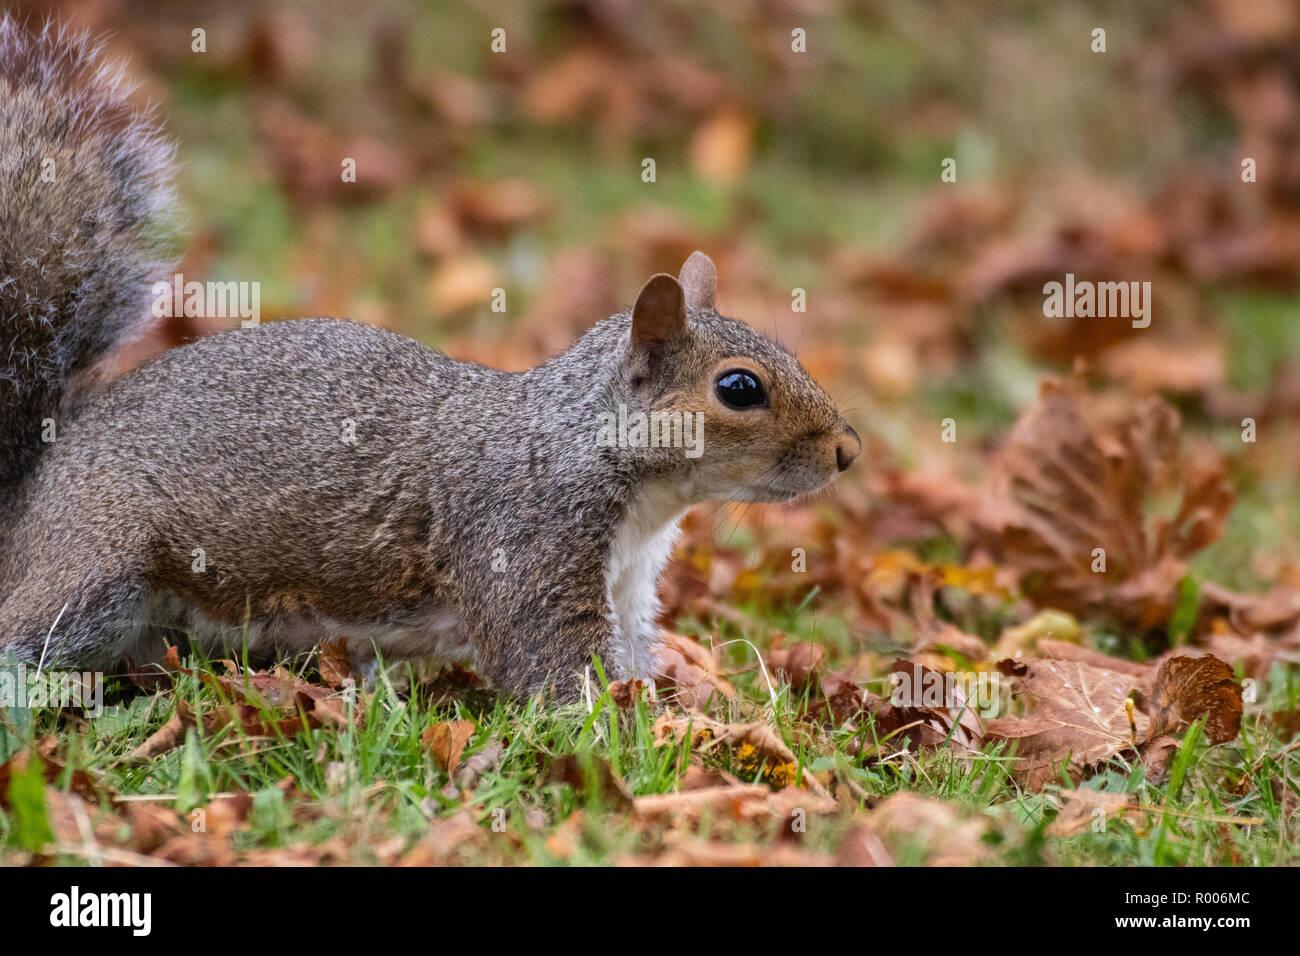 Un écureuil gris de l'assise sur les feuilles d'automne brun Banque D'Images